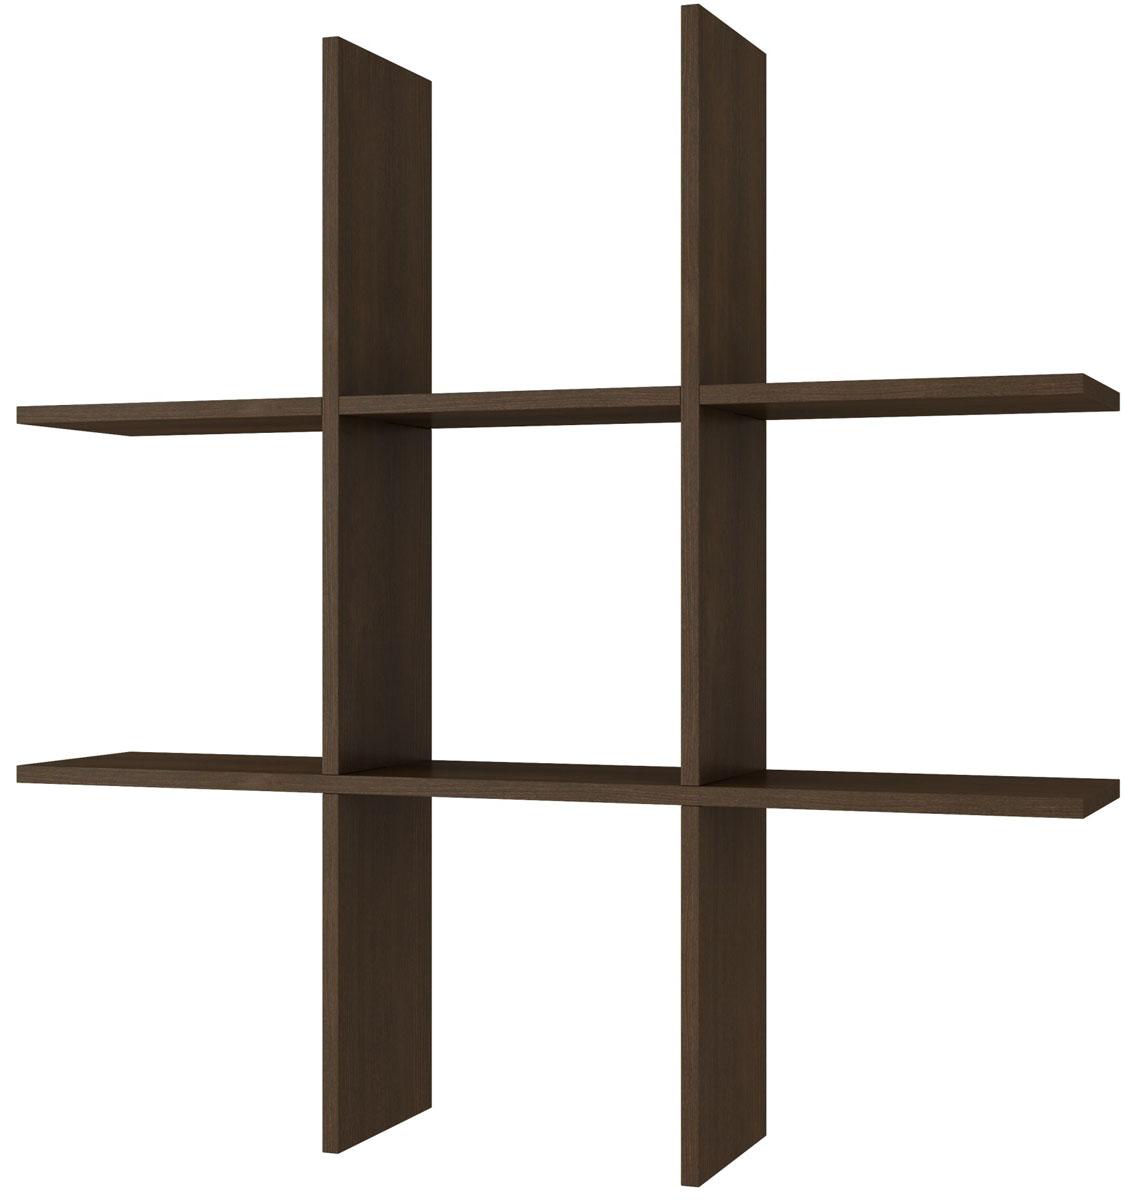 Полка Manhattan Comfort Taranaki, цвет: темно-коричневыйBX 21-49Полка открытая Тик-Так для спальни, гостиной или офиса.